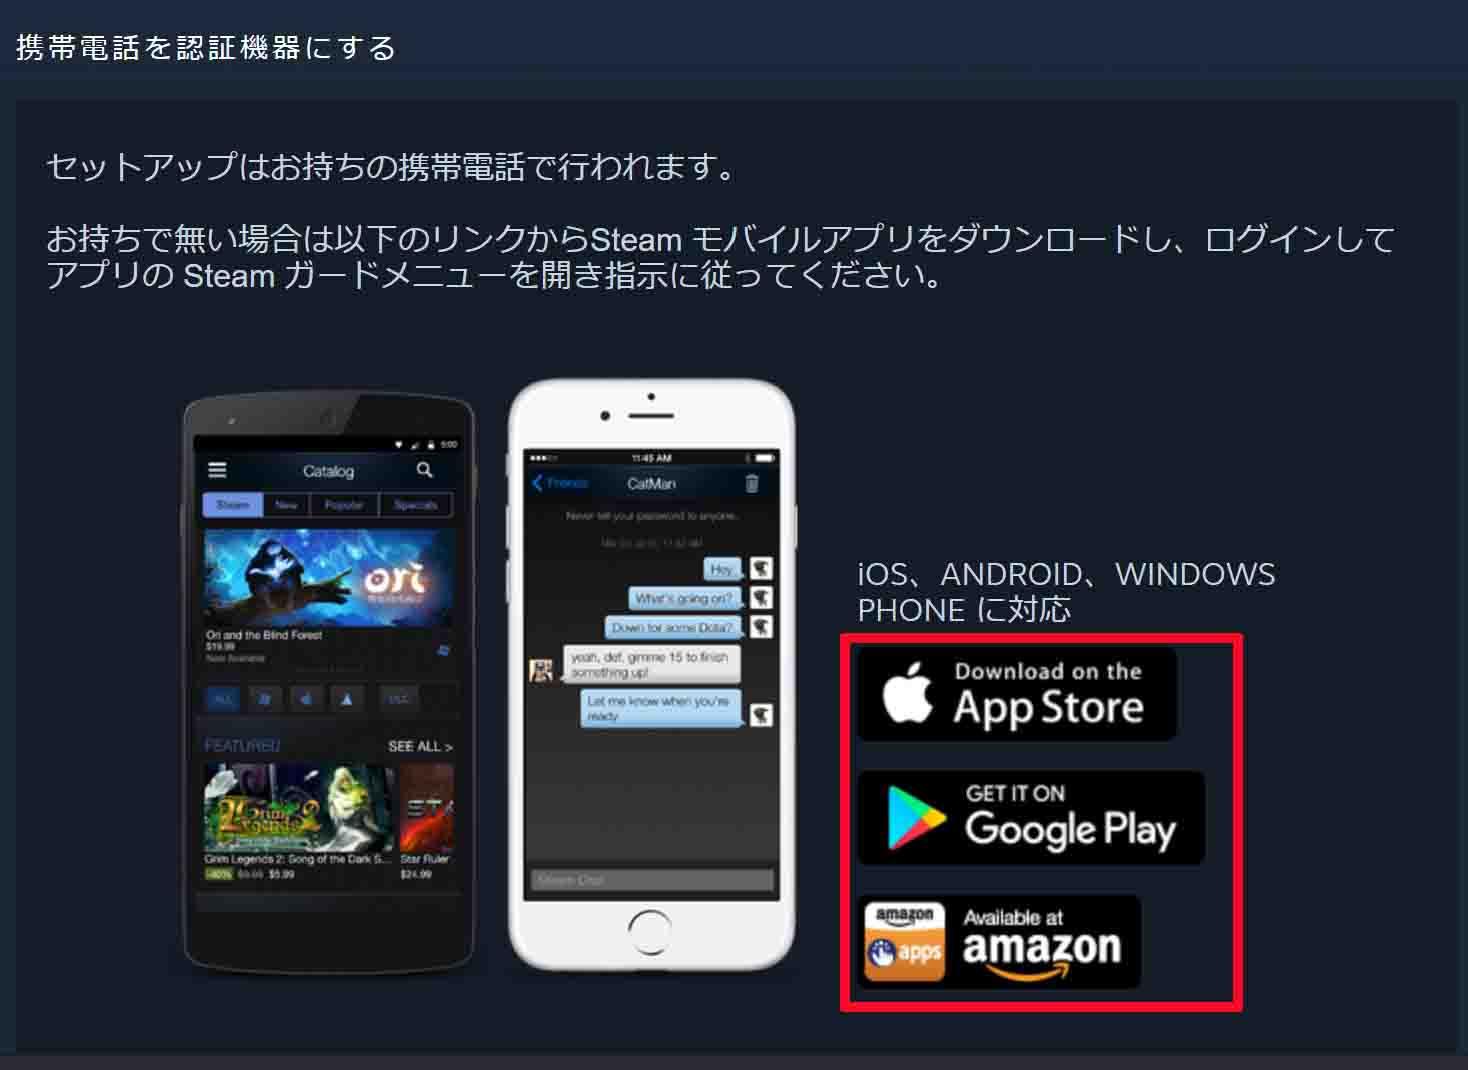 お使いのスマホやタブレット端末に応じてSteam モバイルアプリをダウンロード&インストールしていきます。